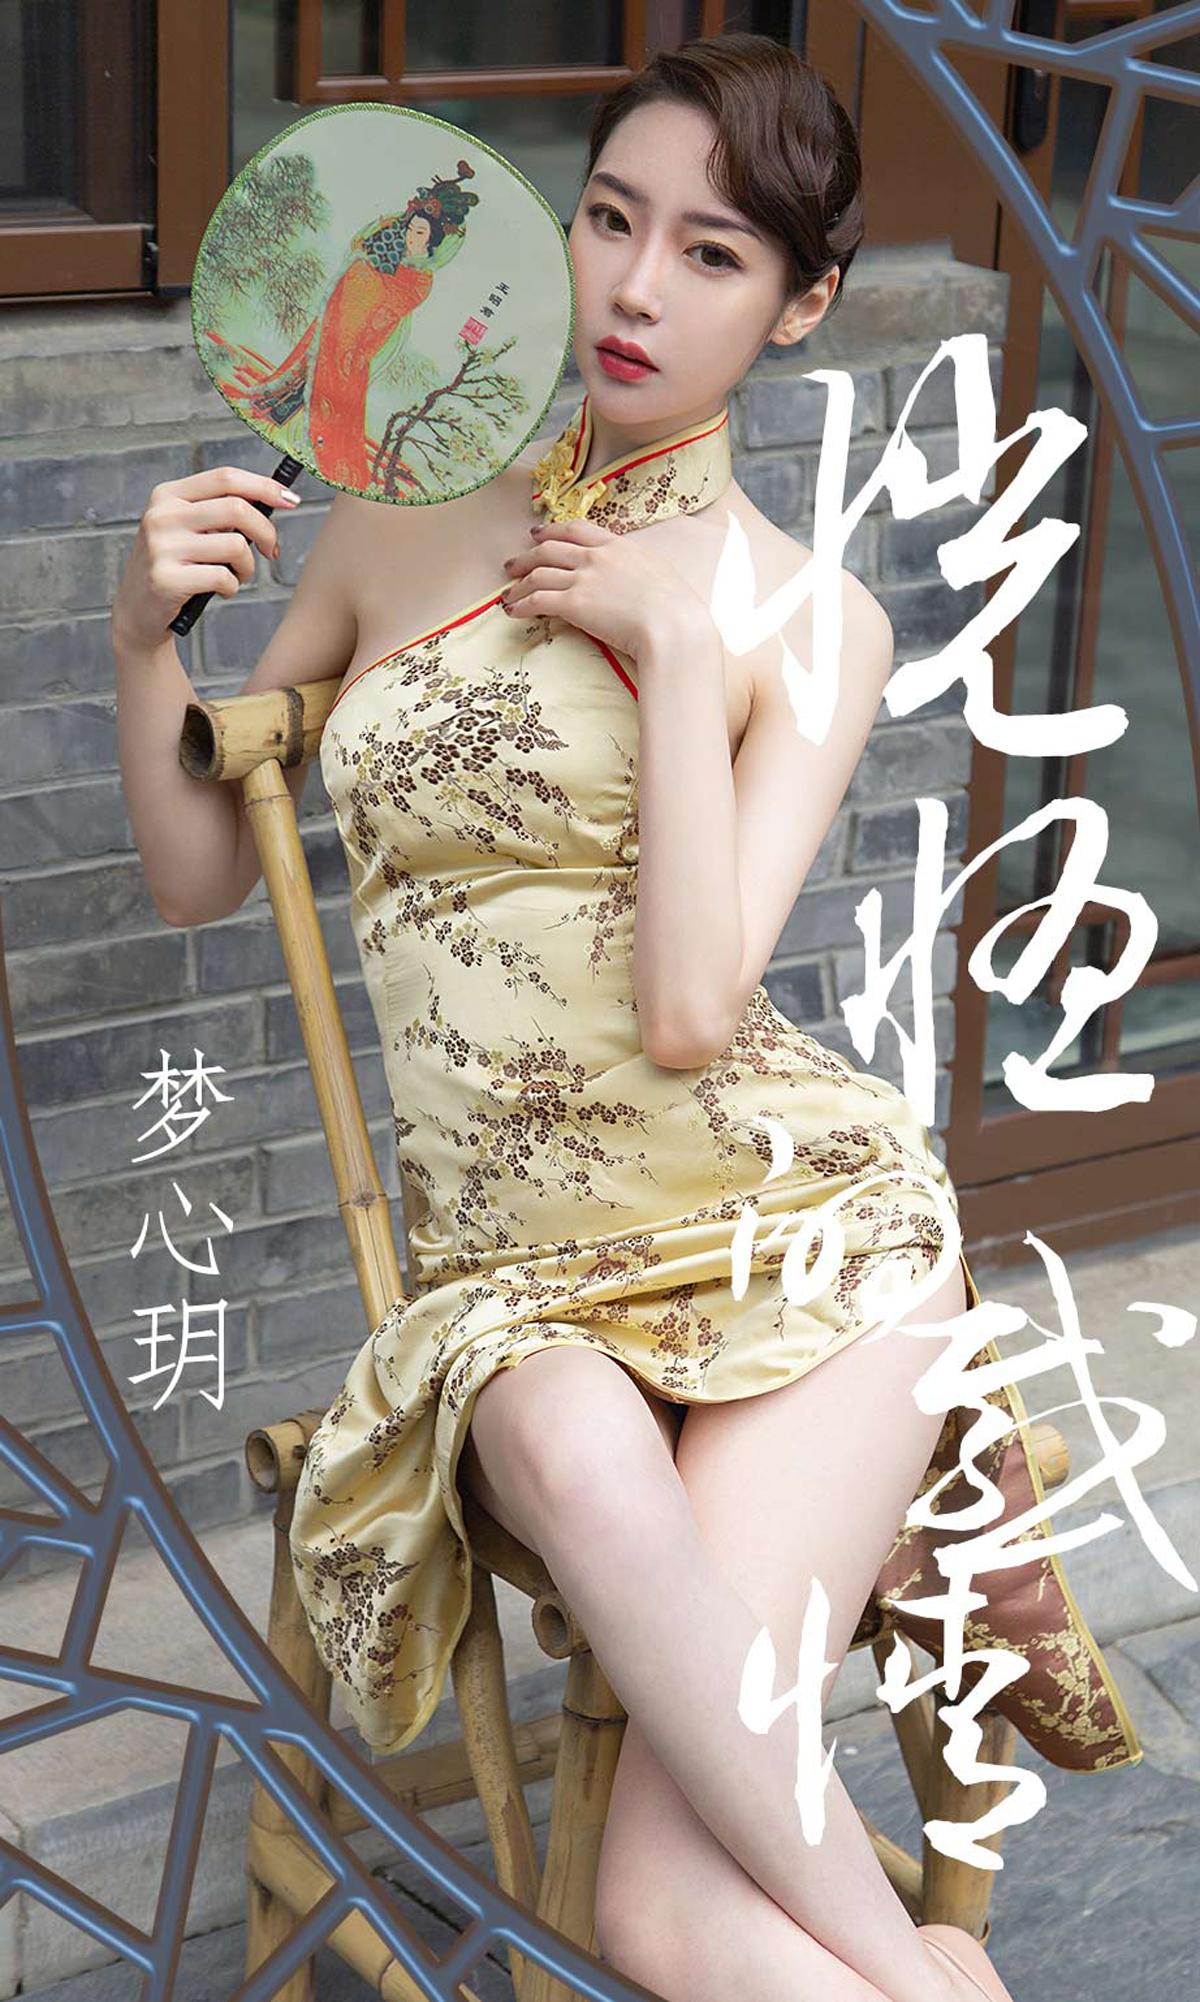 [Ugirls]爱尤物 No.1442 恍惚的感情 梦心玥